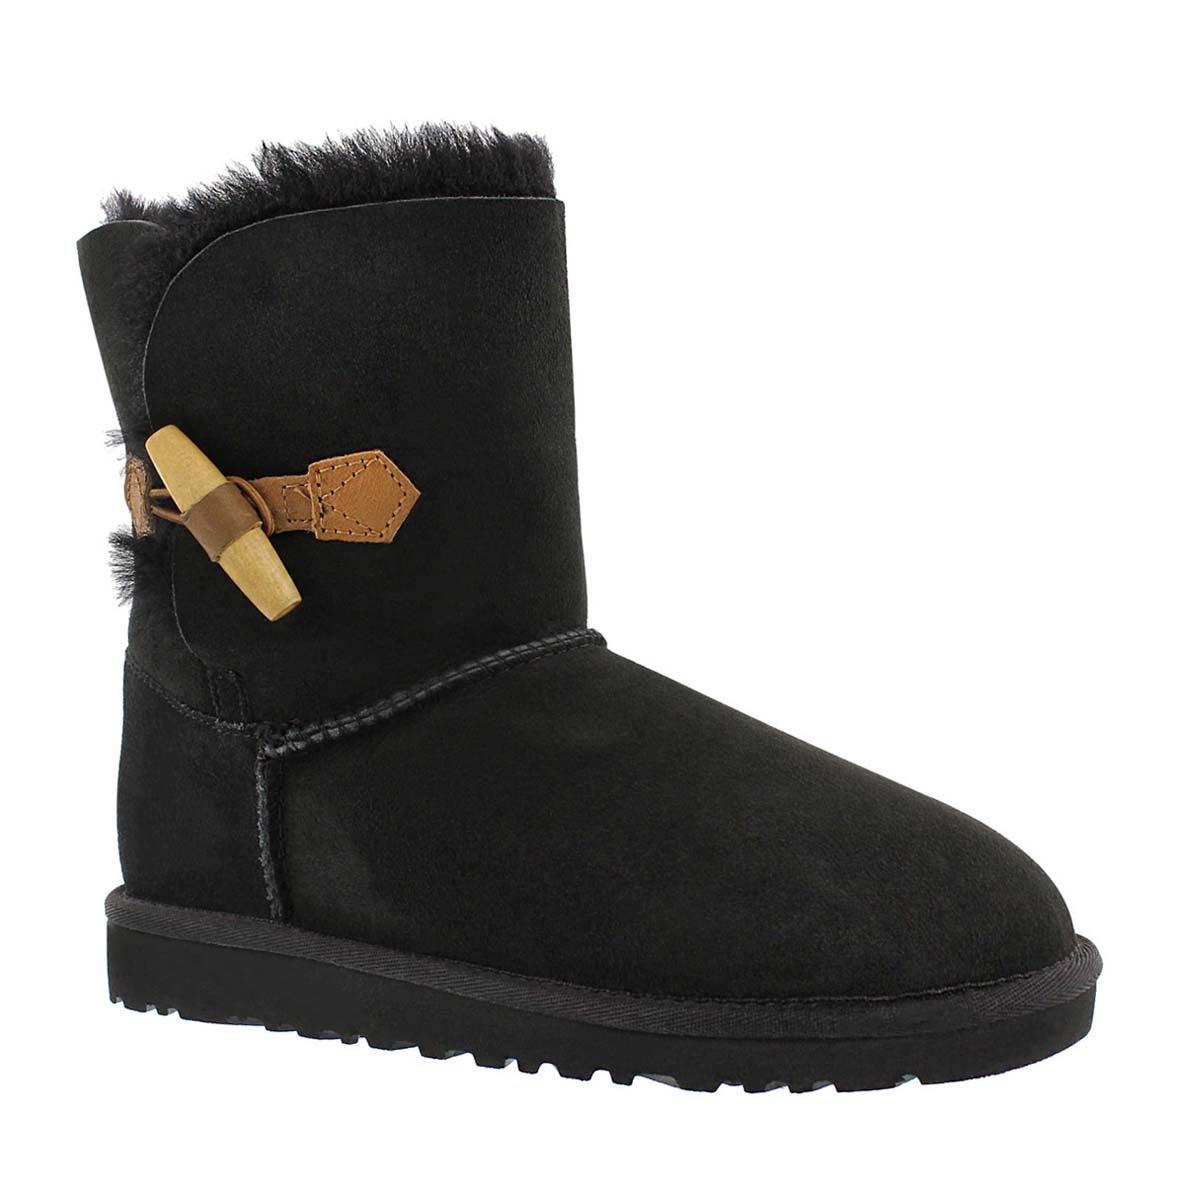 Girls' EBONY black sheepskin toggle boots